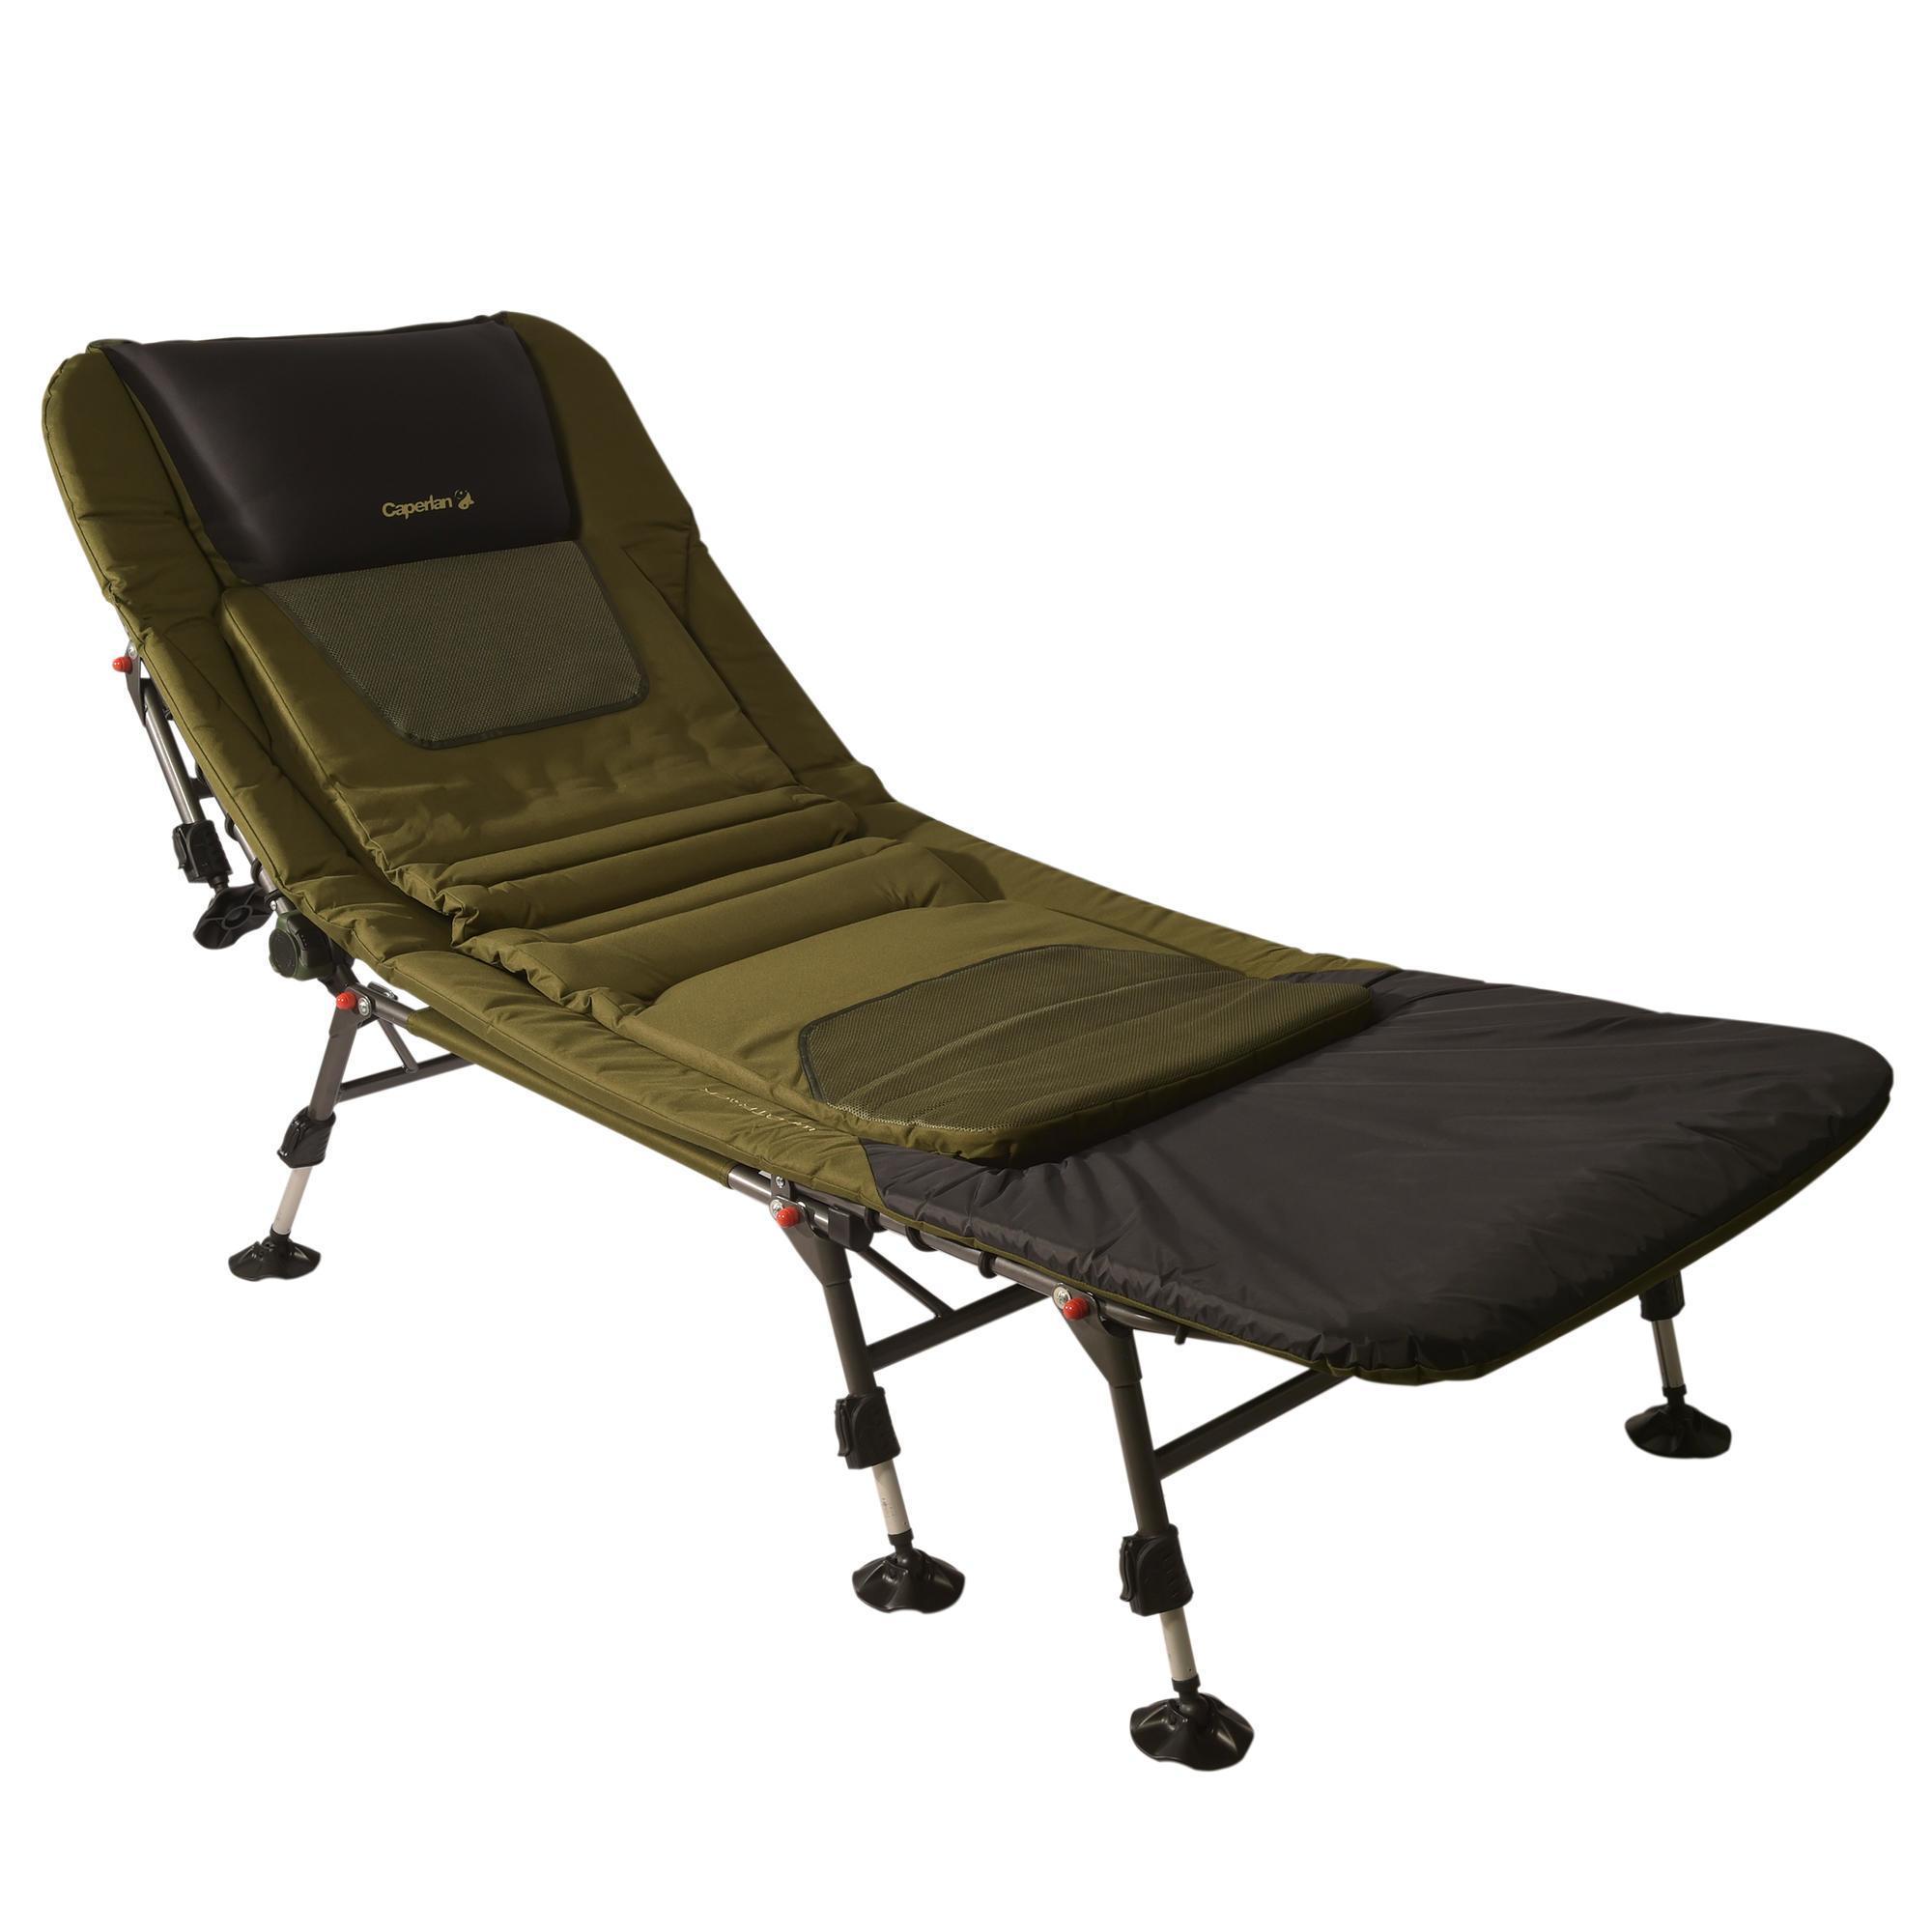 caperlan karperbed wildtrack. Black Bedroom Furniture Sets. Home Design Ideas